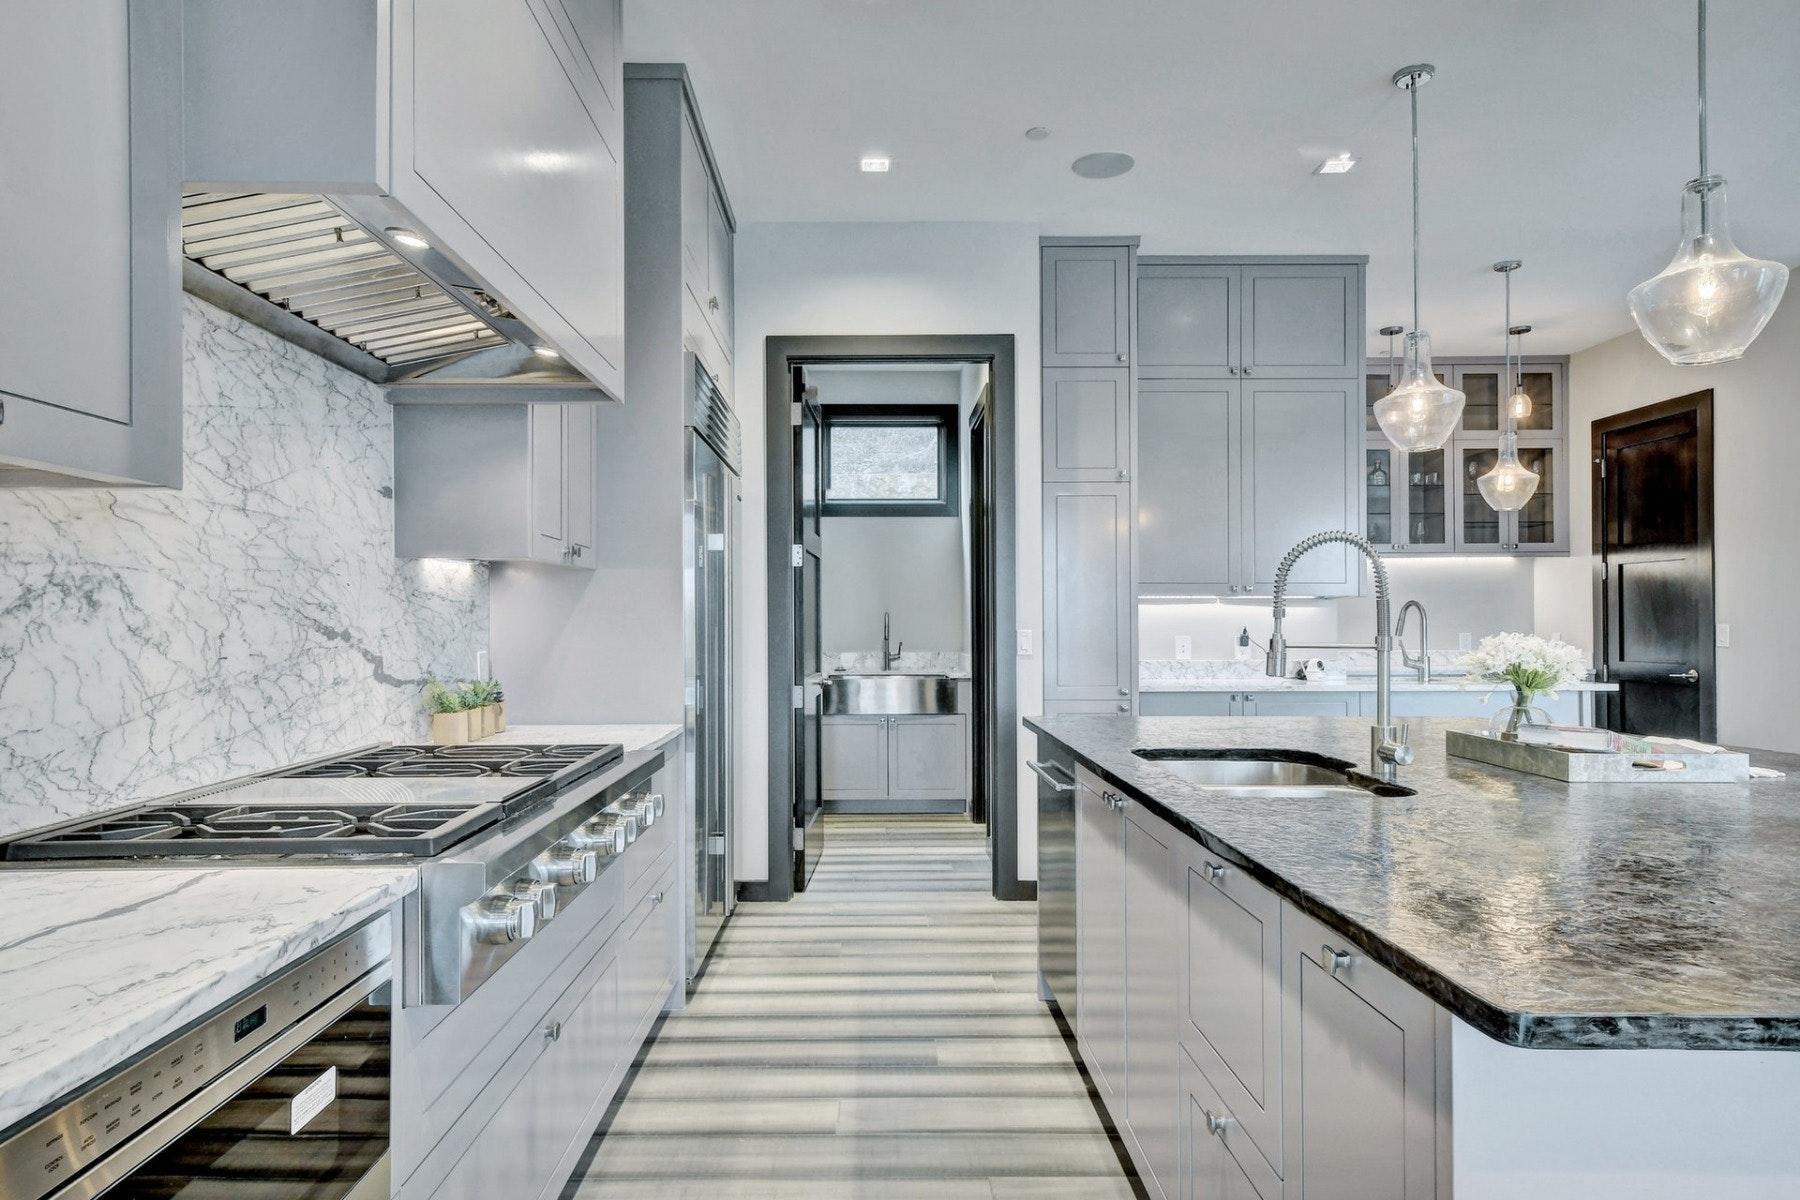 061 262276 kitchen 20and 20breakfast 20024 6076056.jpg?ixlib=rb 3.2